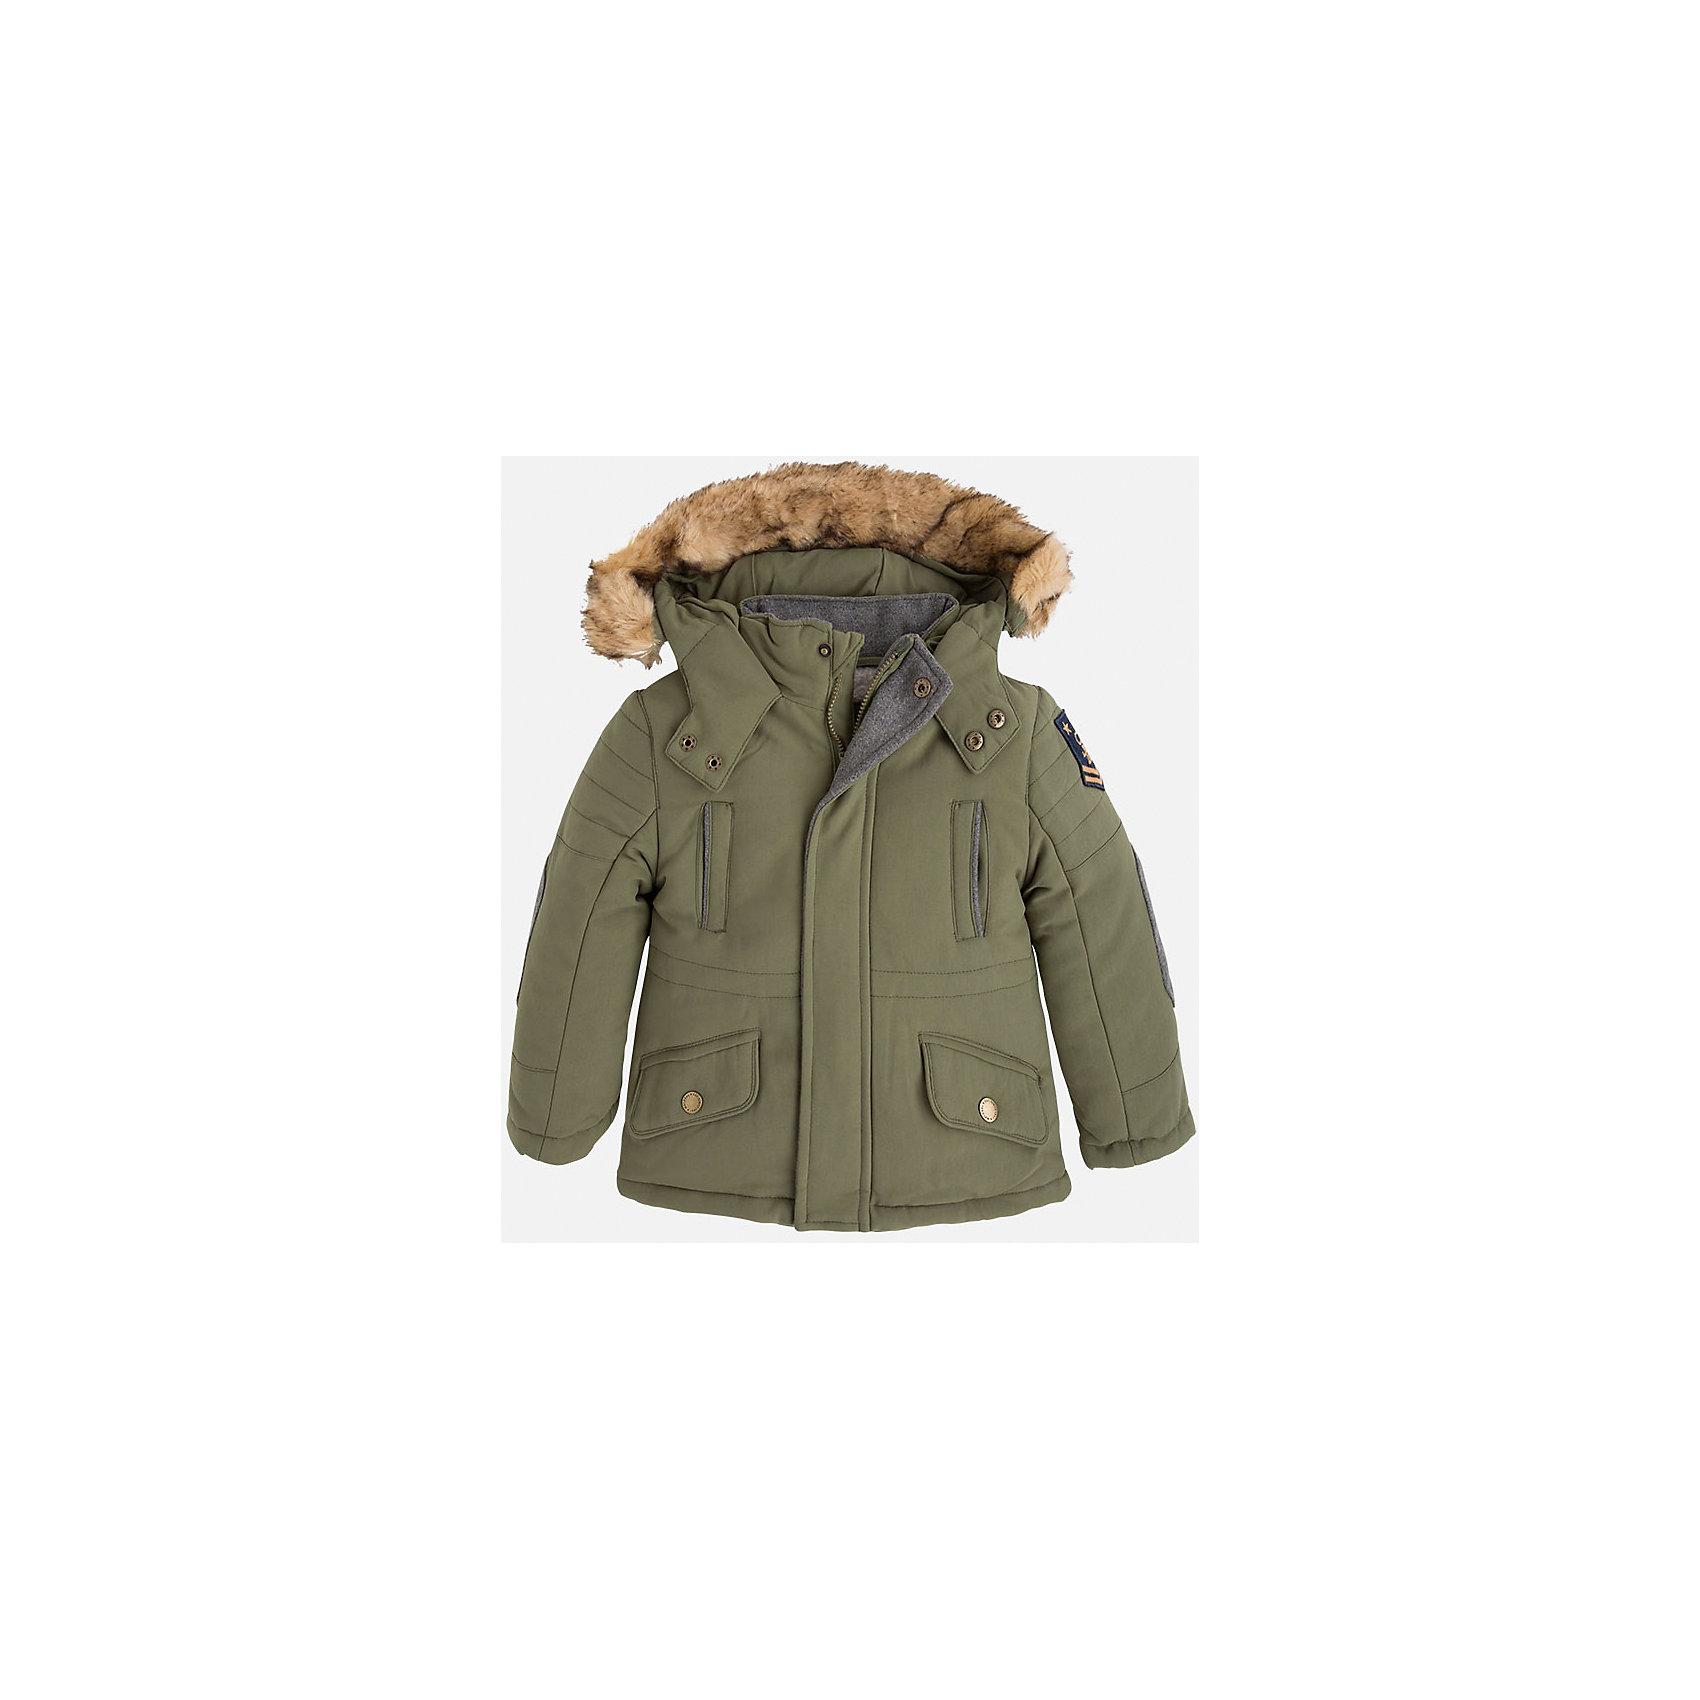 Куртка для мальчика MayoralСтильная осенняя куртка для Вашего модника!<br>Куртка практична и удобна в носке. <br>Порадуйте своего юного модника таким чудесным подарком!<br><br>Дополнительная информация:<br><br>- Крой: прямой крой.<br>- Страна бренда: Испания.<br>- Состав: <br>Верхняя ткань: полиэстер 100%.<br>Подкладка: полиэстер 100%.<br>Наполнитель: полиэстер 100%.<br>- Цвет: защитный.<br>- Уход: бережная стирка при 30 градусах.<br><br>Купить куртку для мальчика Mayoral можно в нашем магазине.<br><br>Ширина мм: 356<br>Глубина мм: 10<br>Высота мм: 245<br>Вес г: 519<br>Цвет: хаки<br>Возраст от месяцев: 72<br>Возраст до месяцев: 84<br>Пол: Мужской<br>Возраст: Детский<br>Размер: 122,134,98,128,116,110,104,92<br>SKU: 4822026